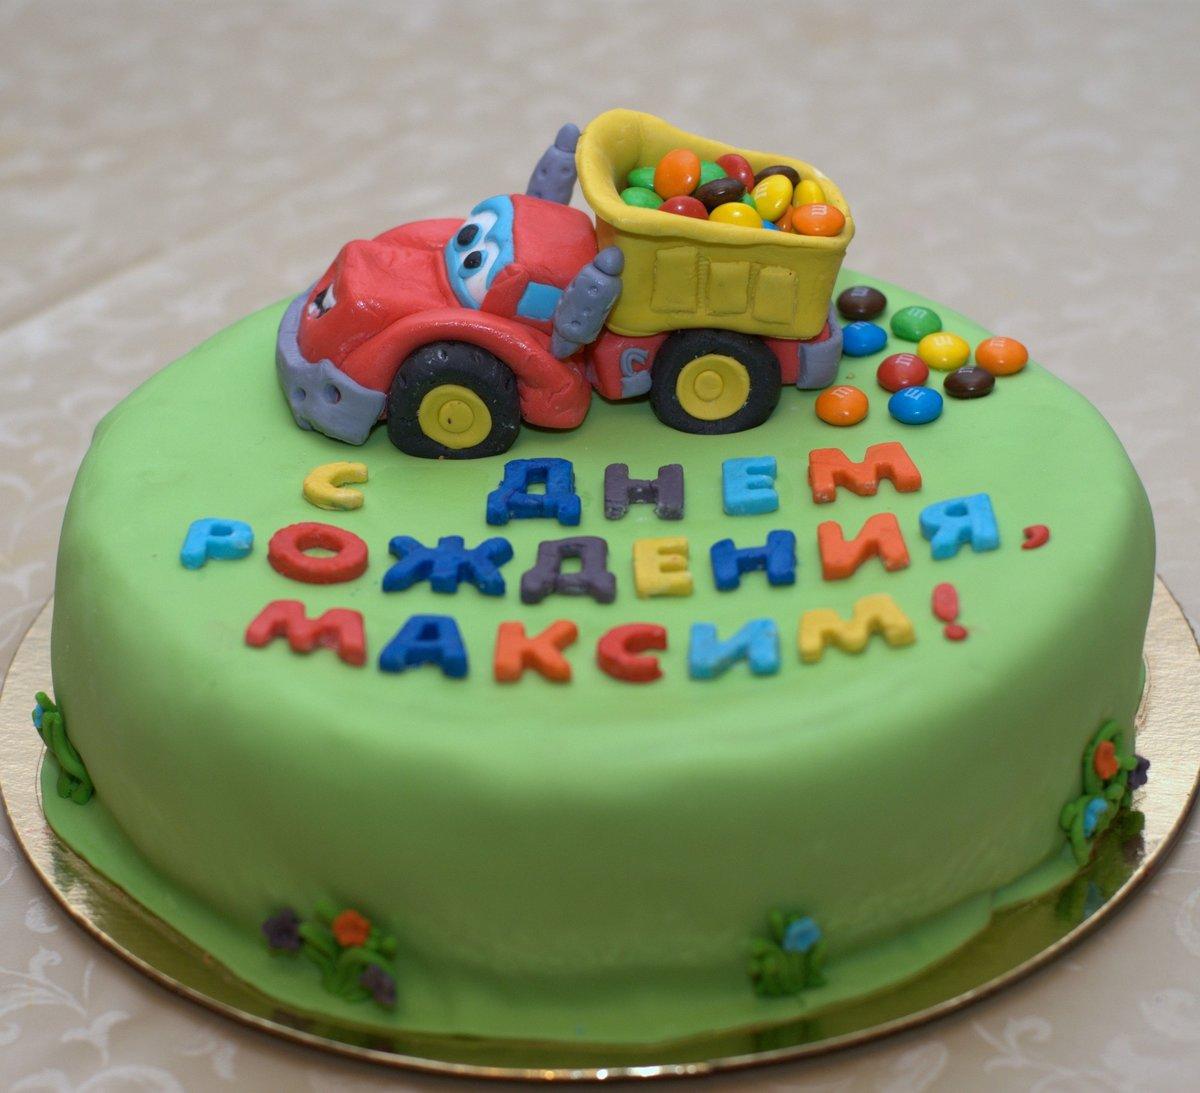 Кокчетава, картинки для мальчиков машинки для детей красиве на день рождения